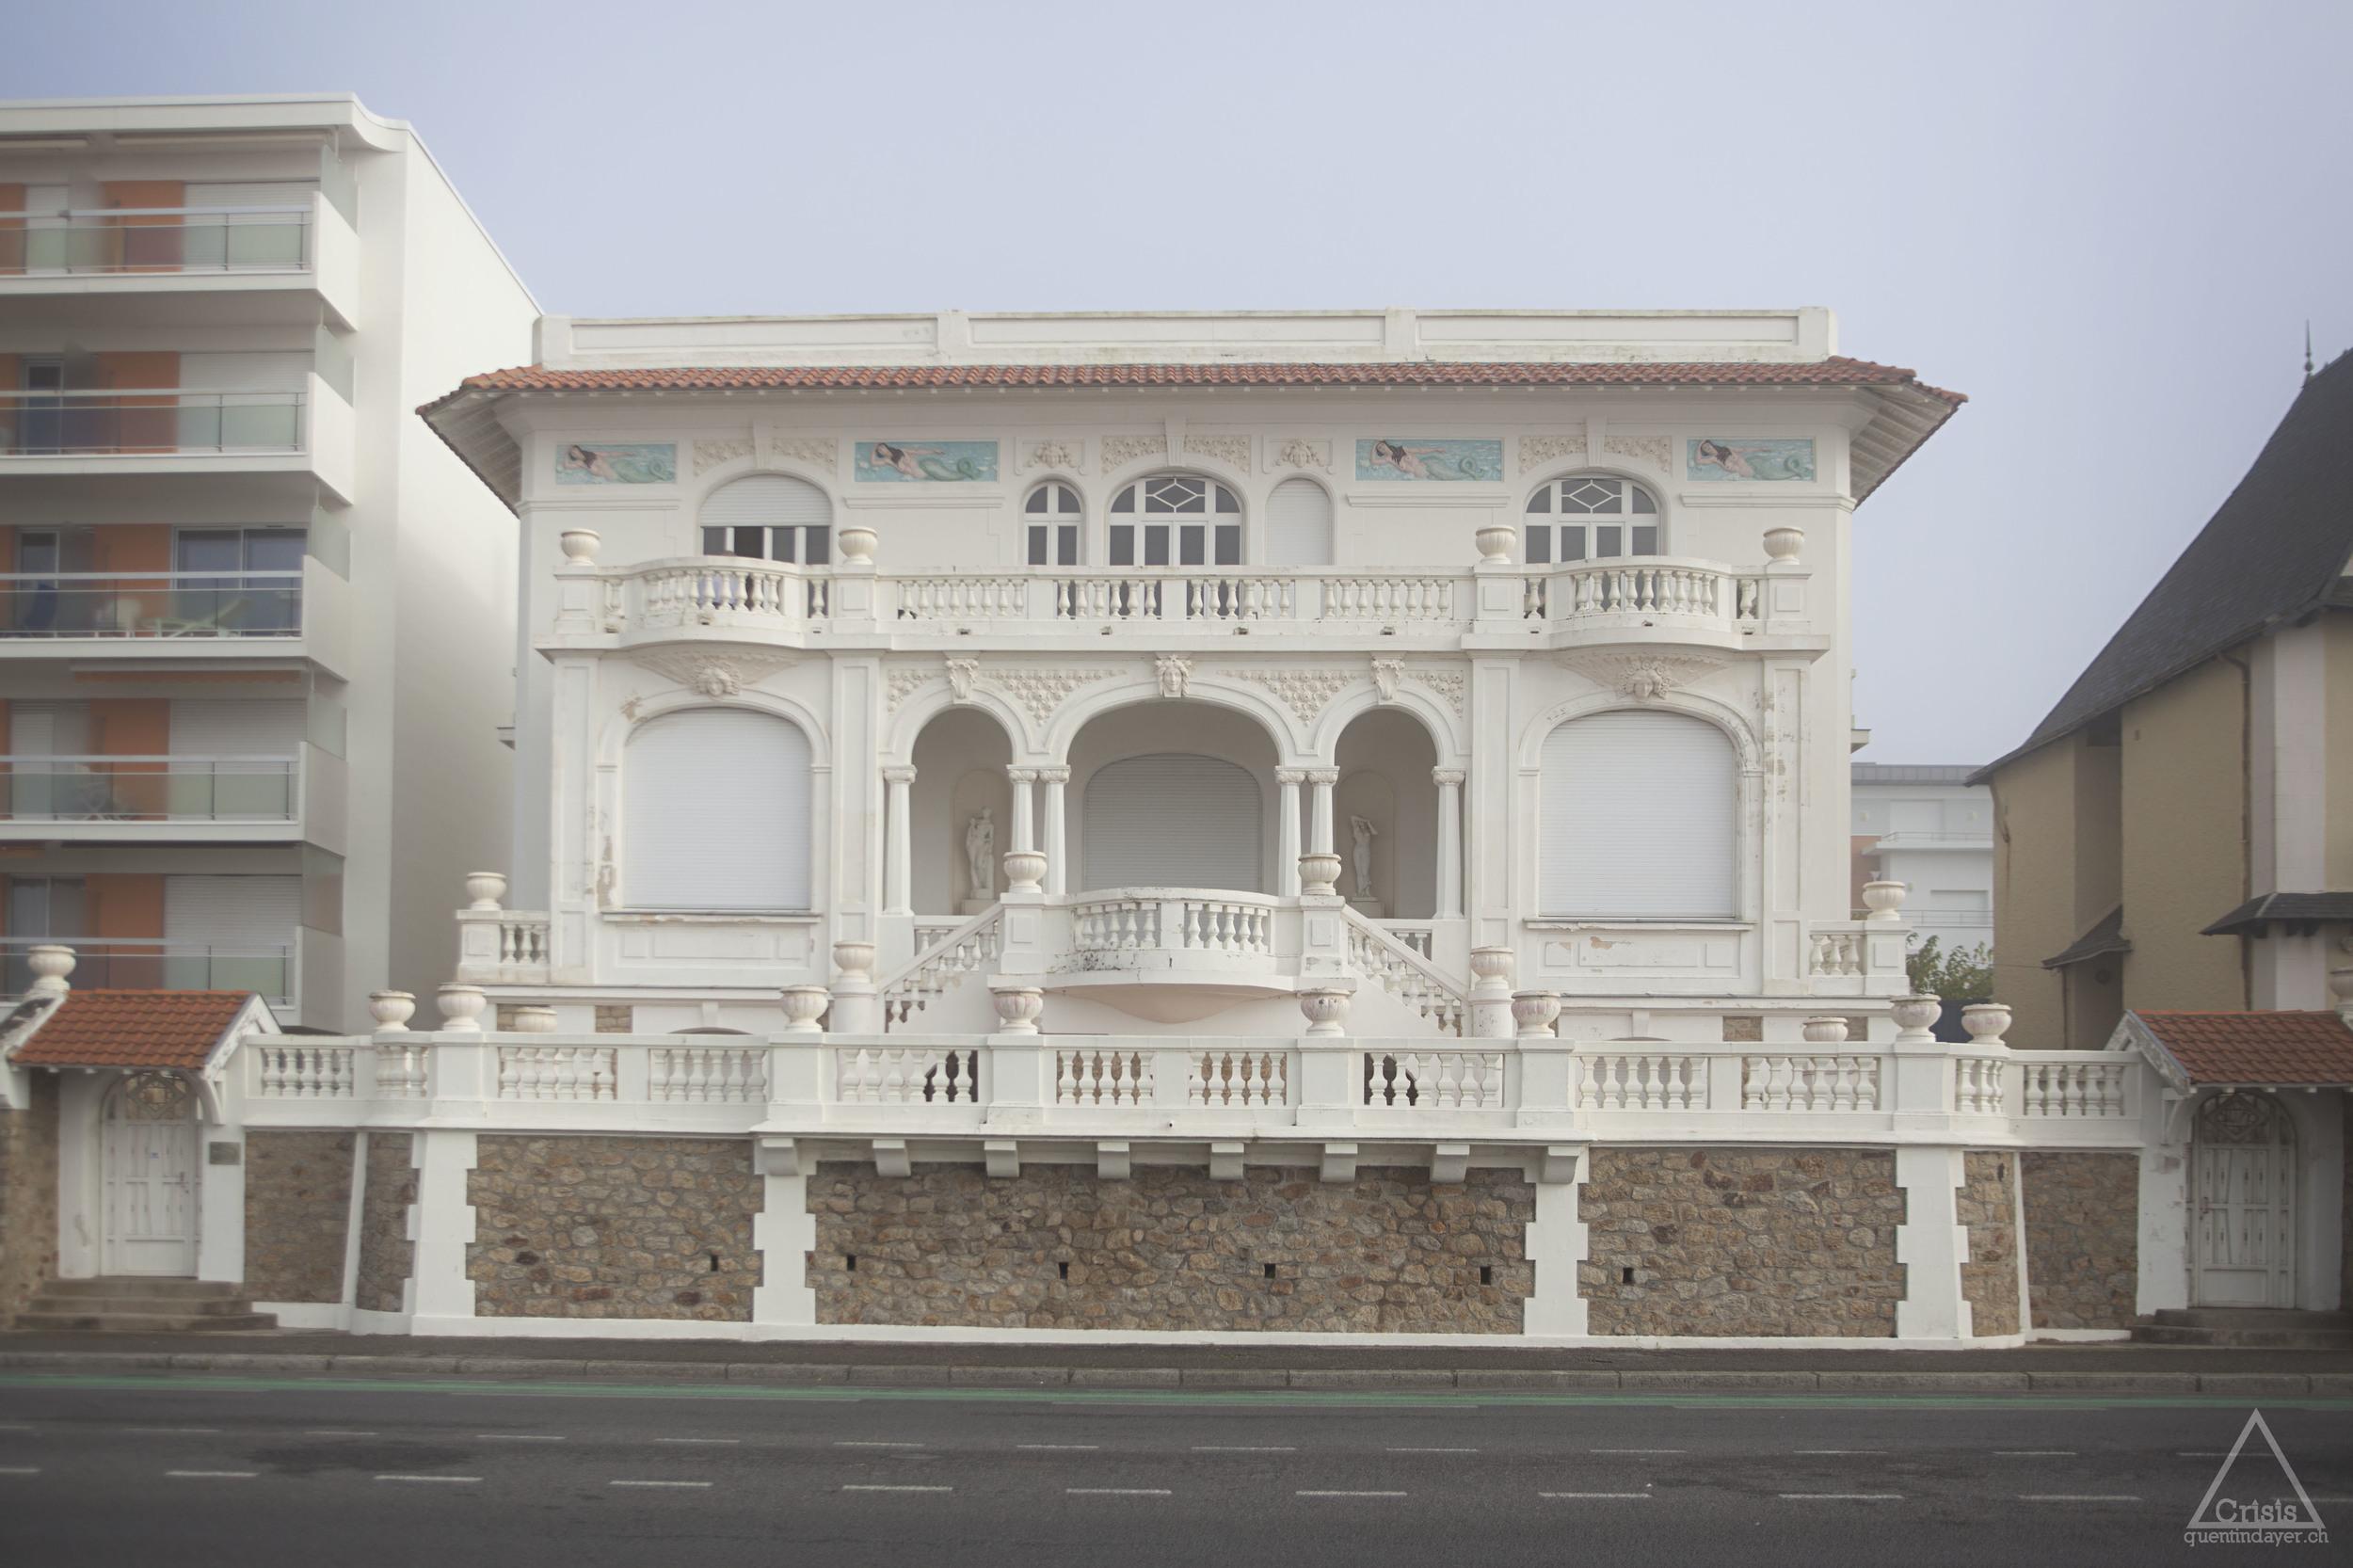 Mermaid's house